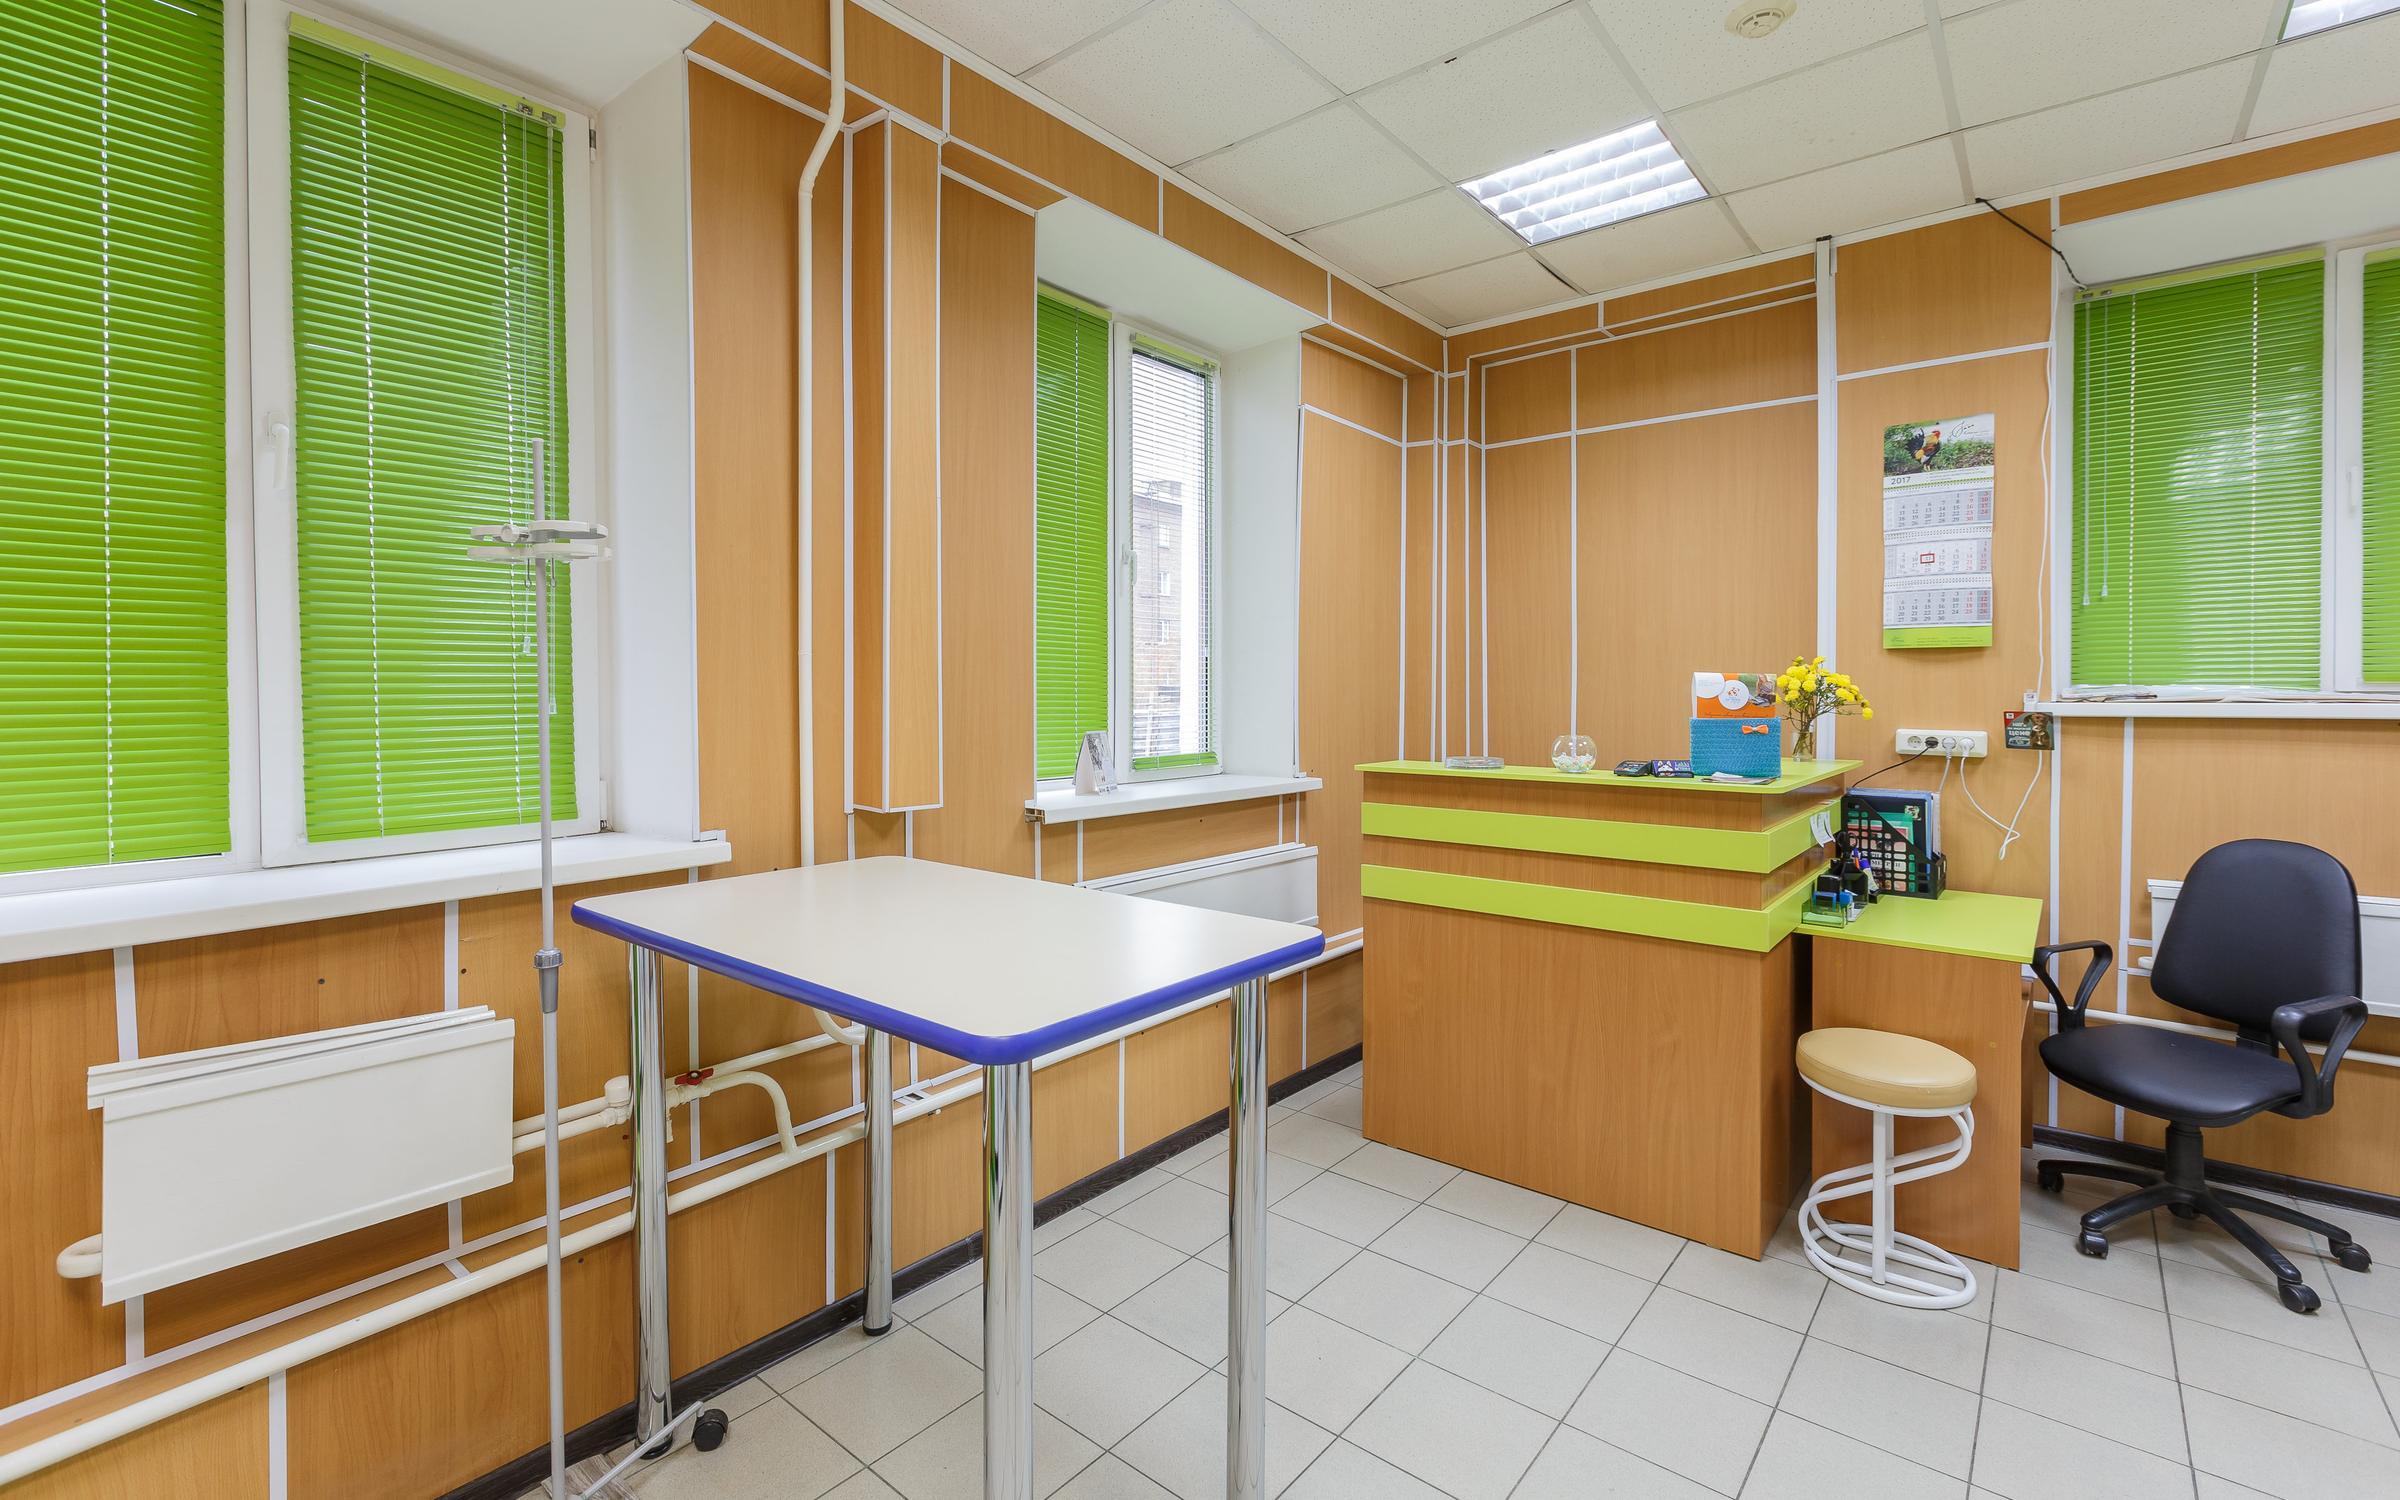 фотография Ветеринарной клиники Lakki на Коломенской улице